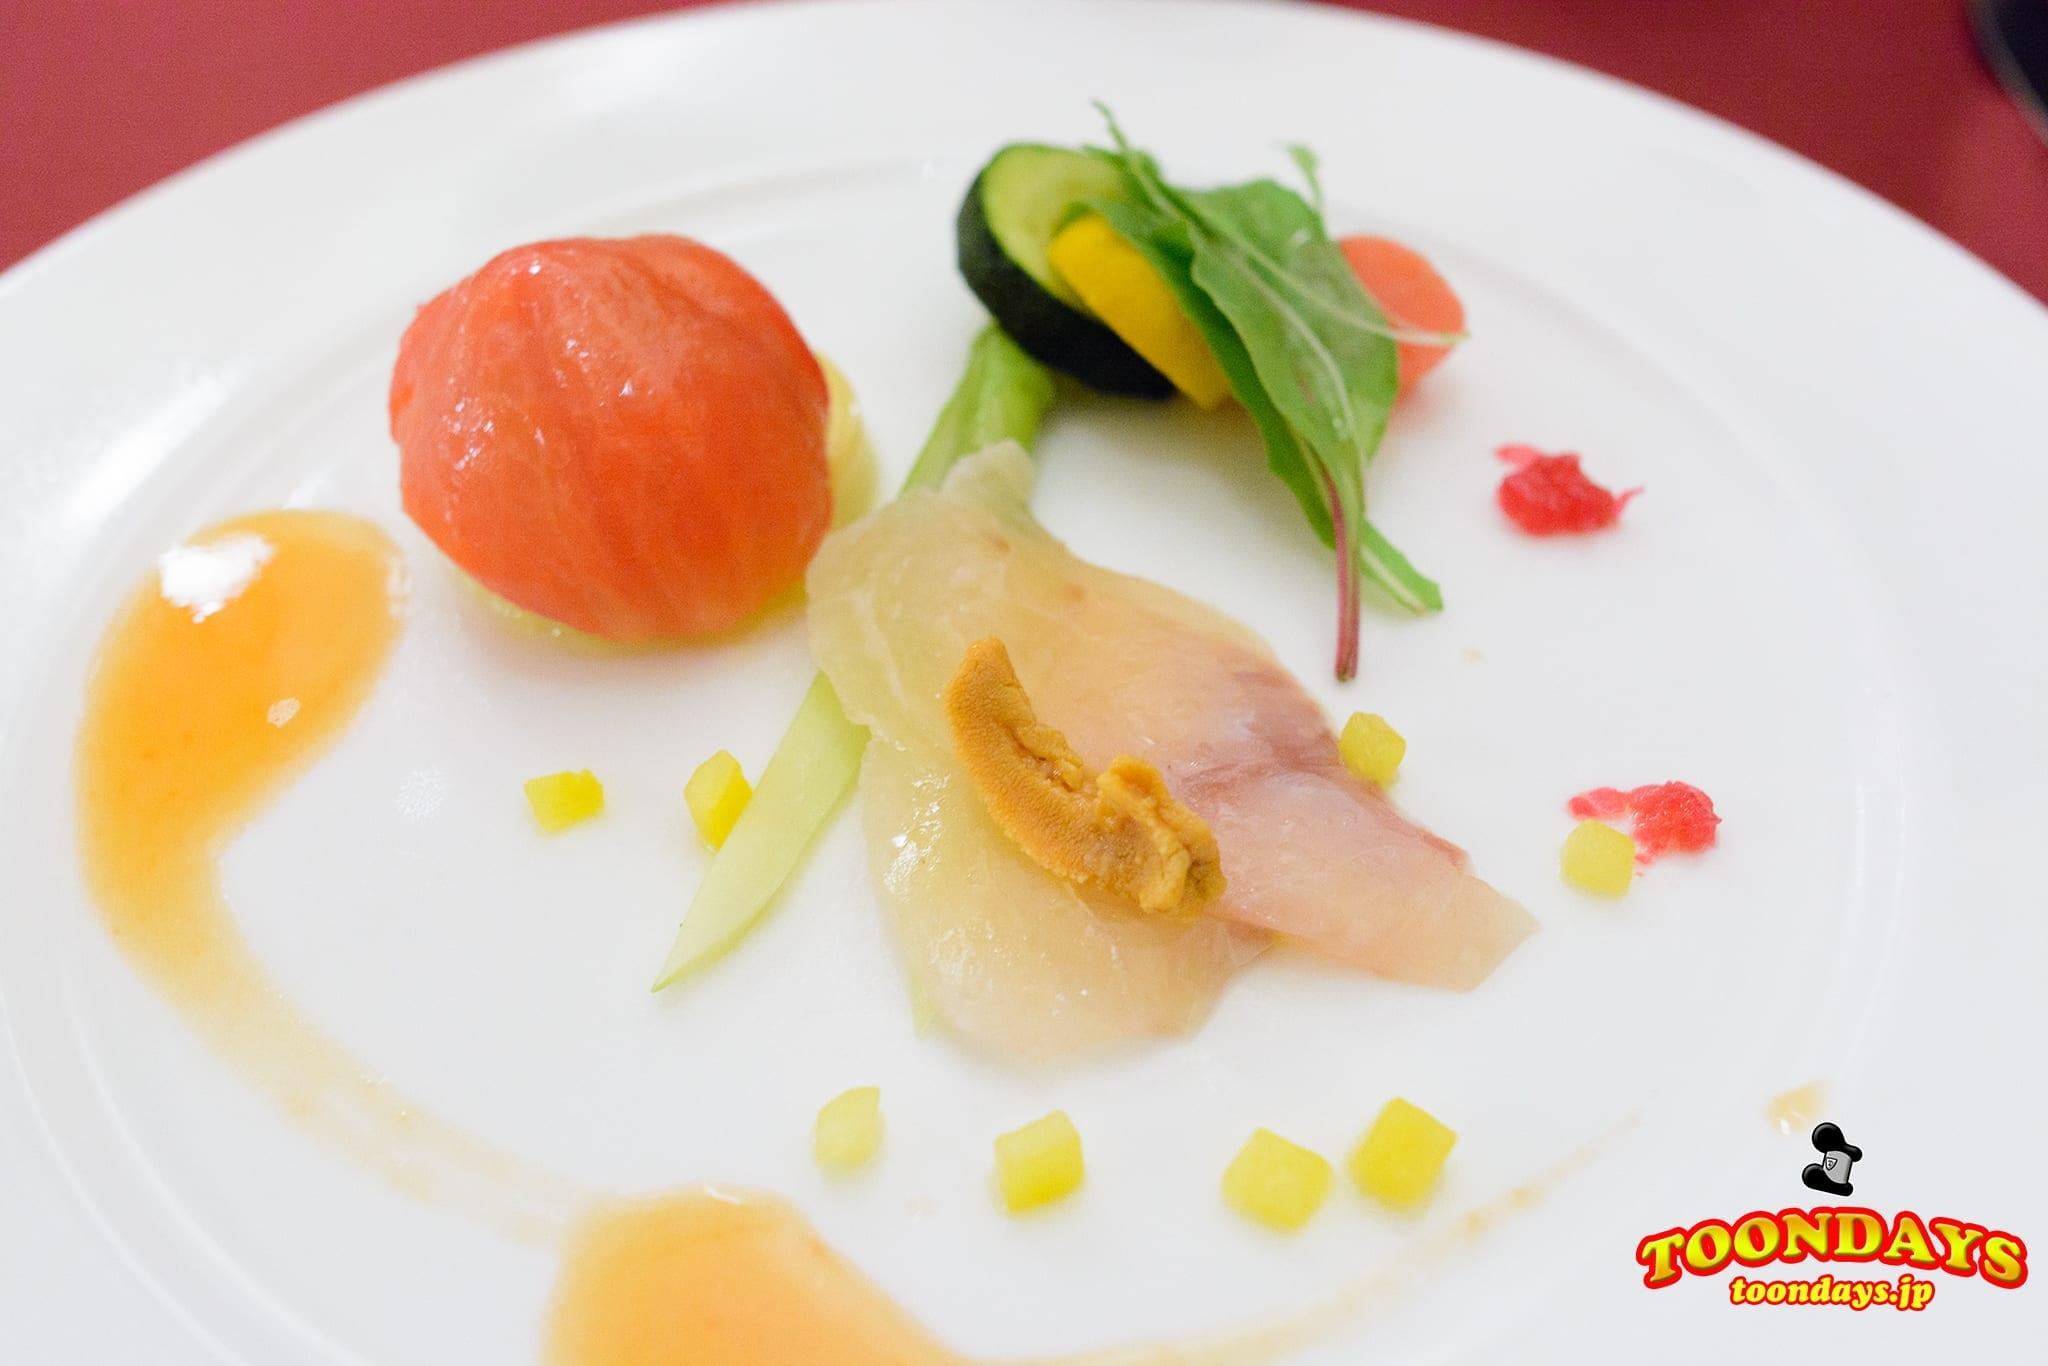 トマトのファルシ、帆立貝のタルタルとコーンムース~真鯛のマリネ添え~ マゼランズ  東京ディズニーシー15周年 ザ・ウィッシュ・オブ・イヤー スペシャルコース